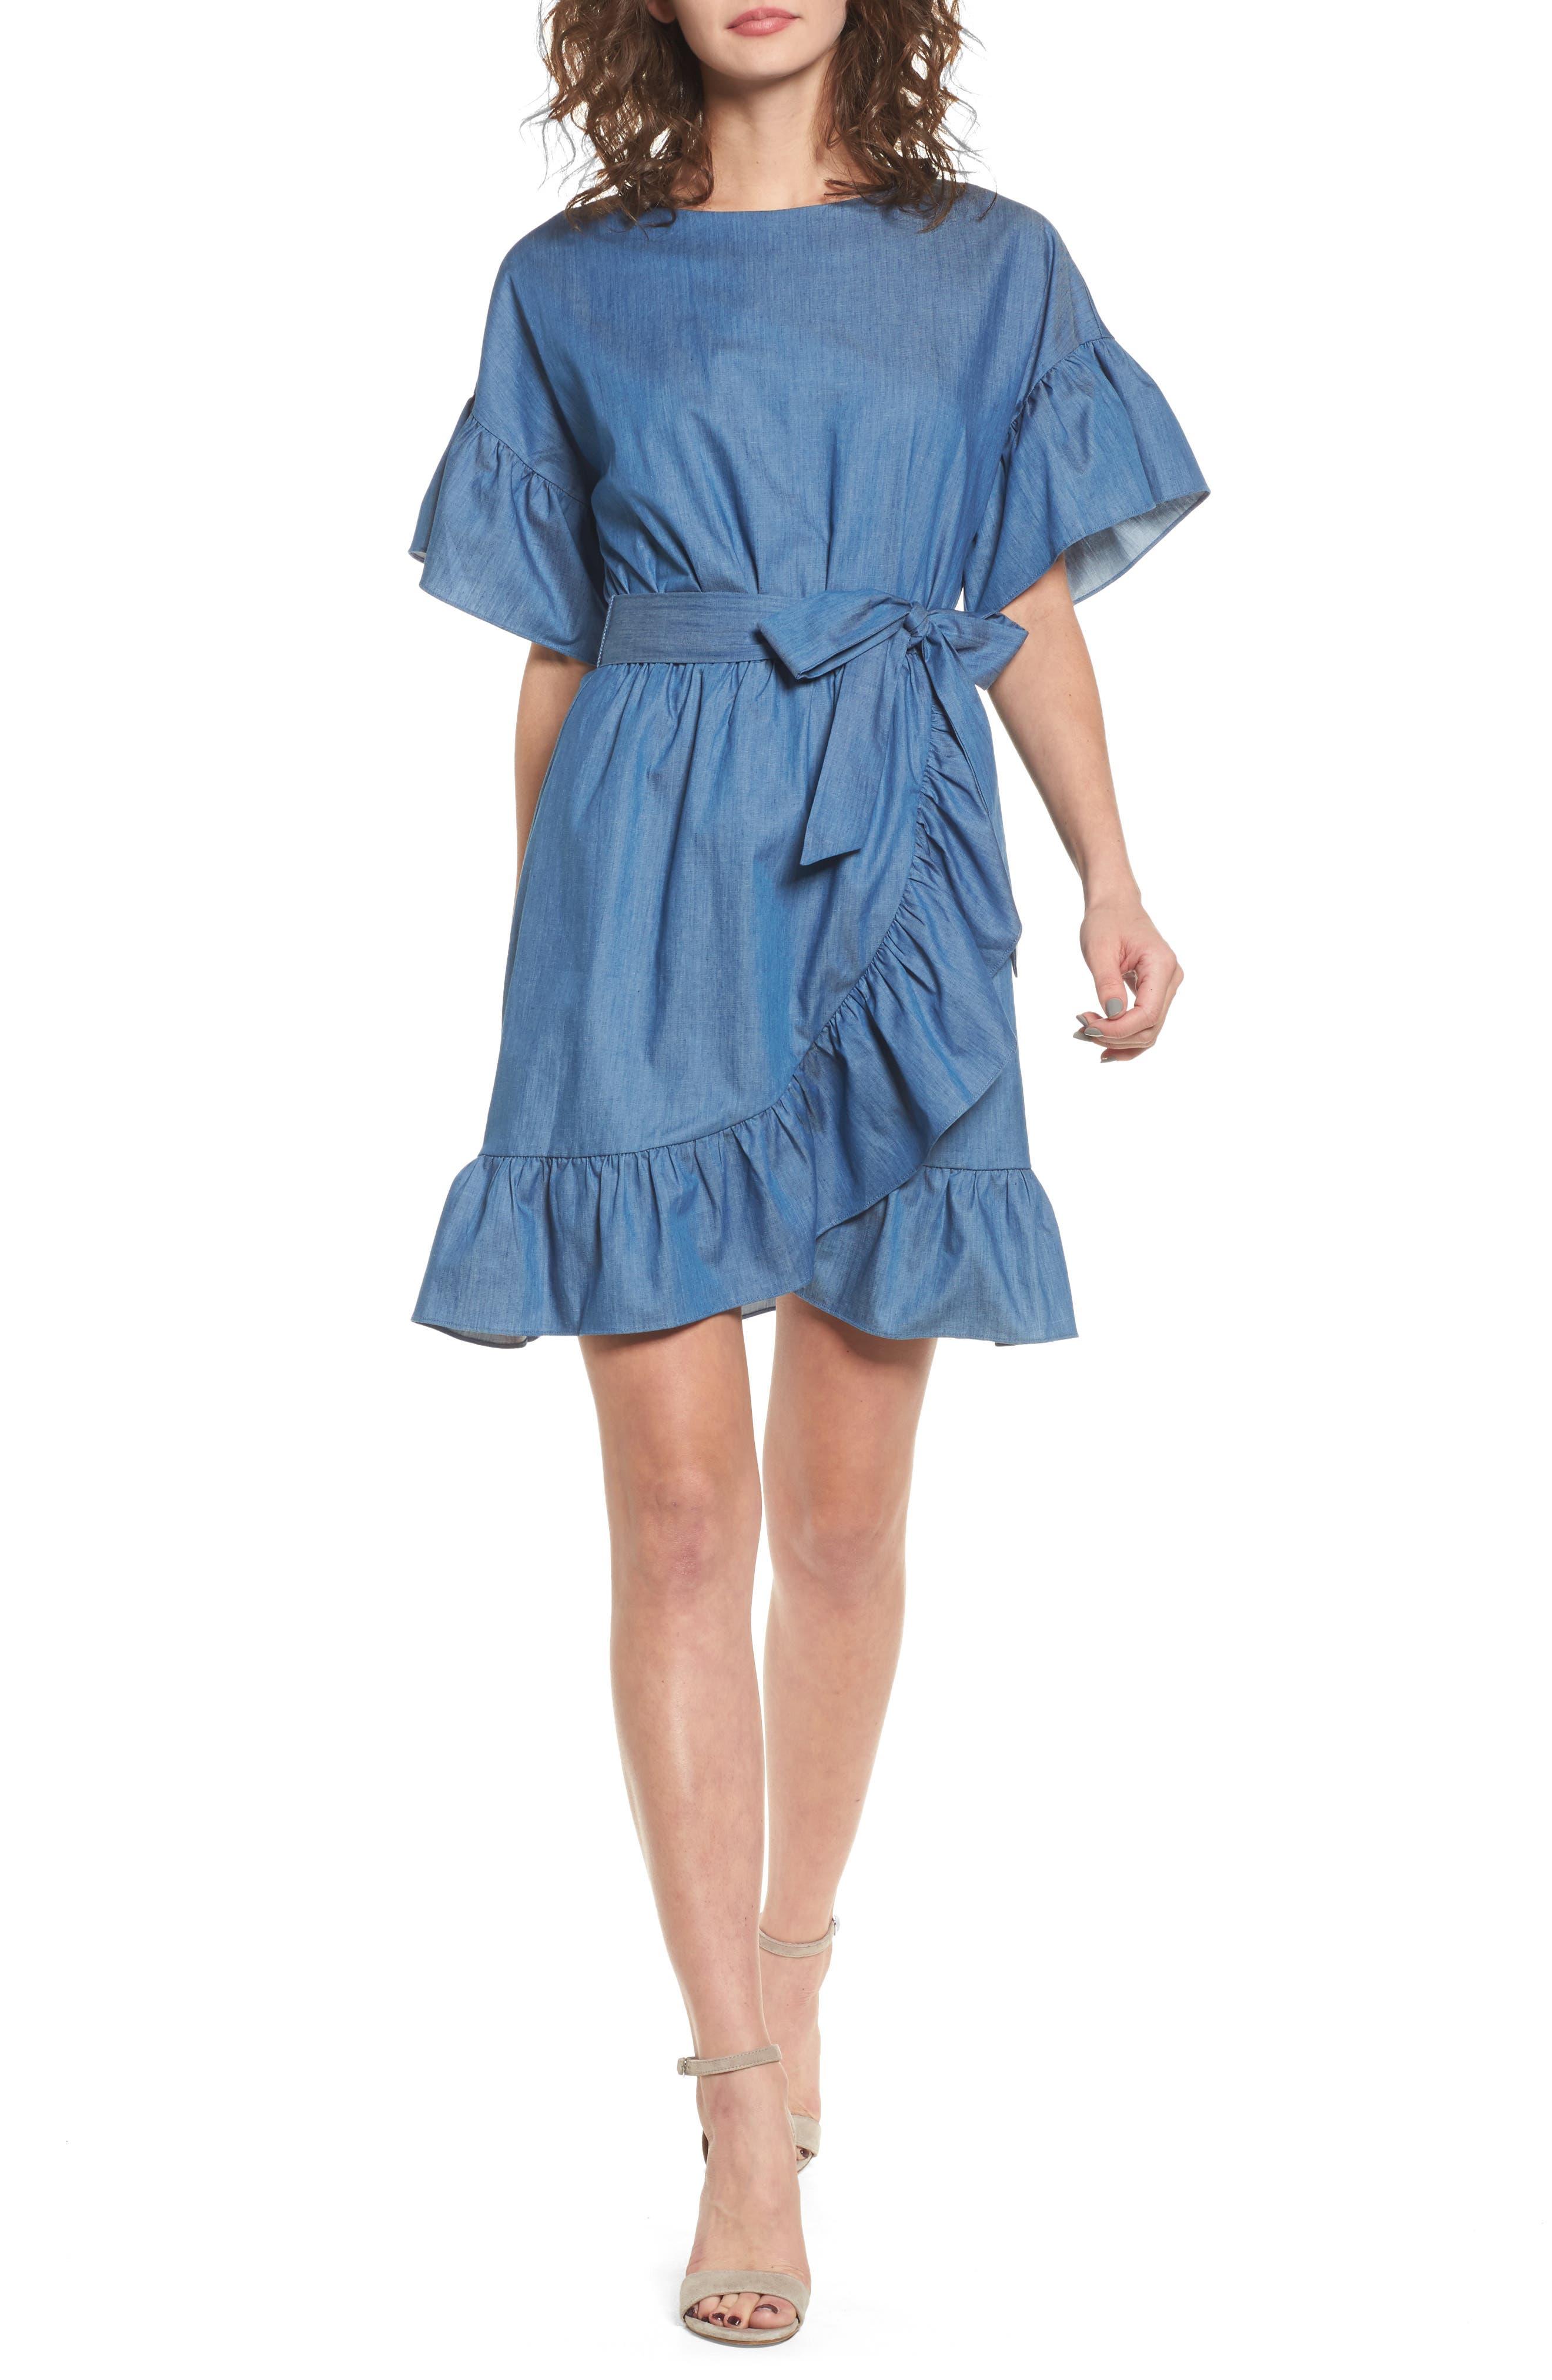 Ruffle Denim Wrap Dress,                             Main thumbnail 1, color,                             405